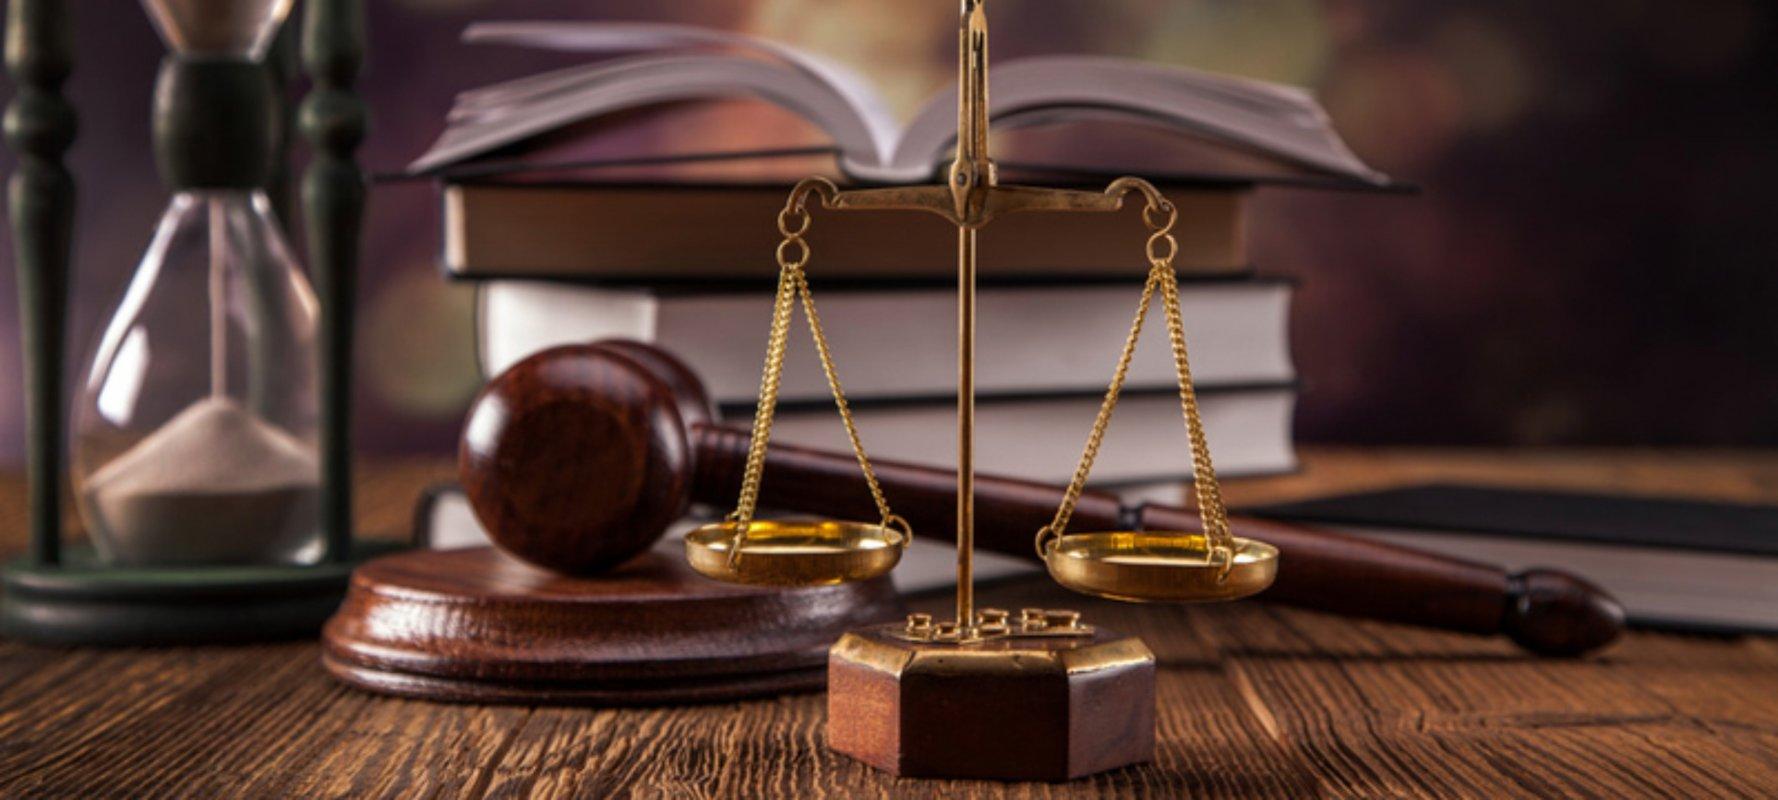 Частная жалоба на определение суда о возврате искового заявления в 2019